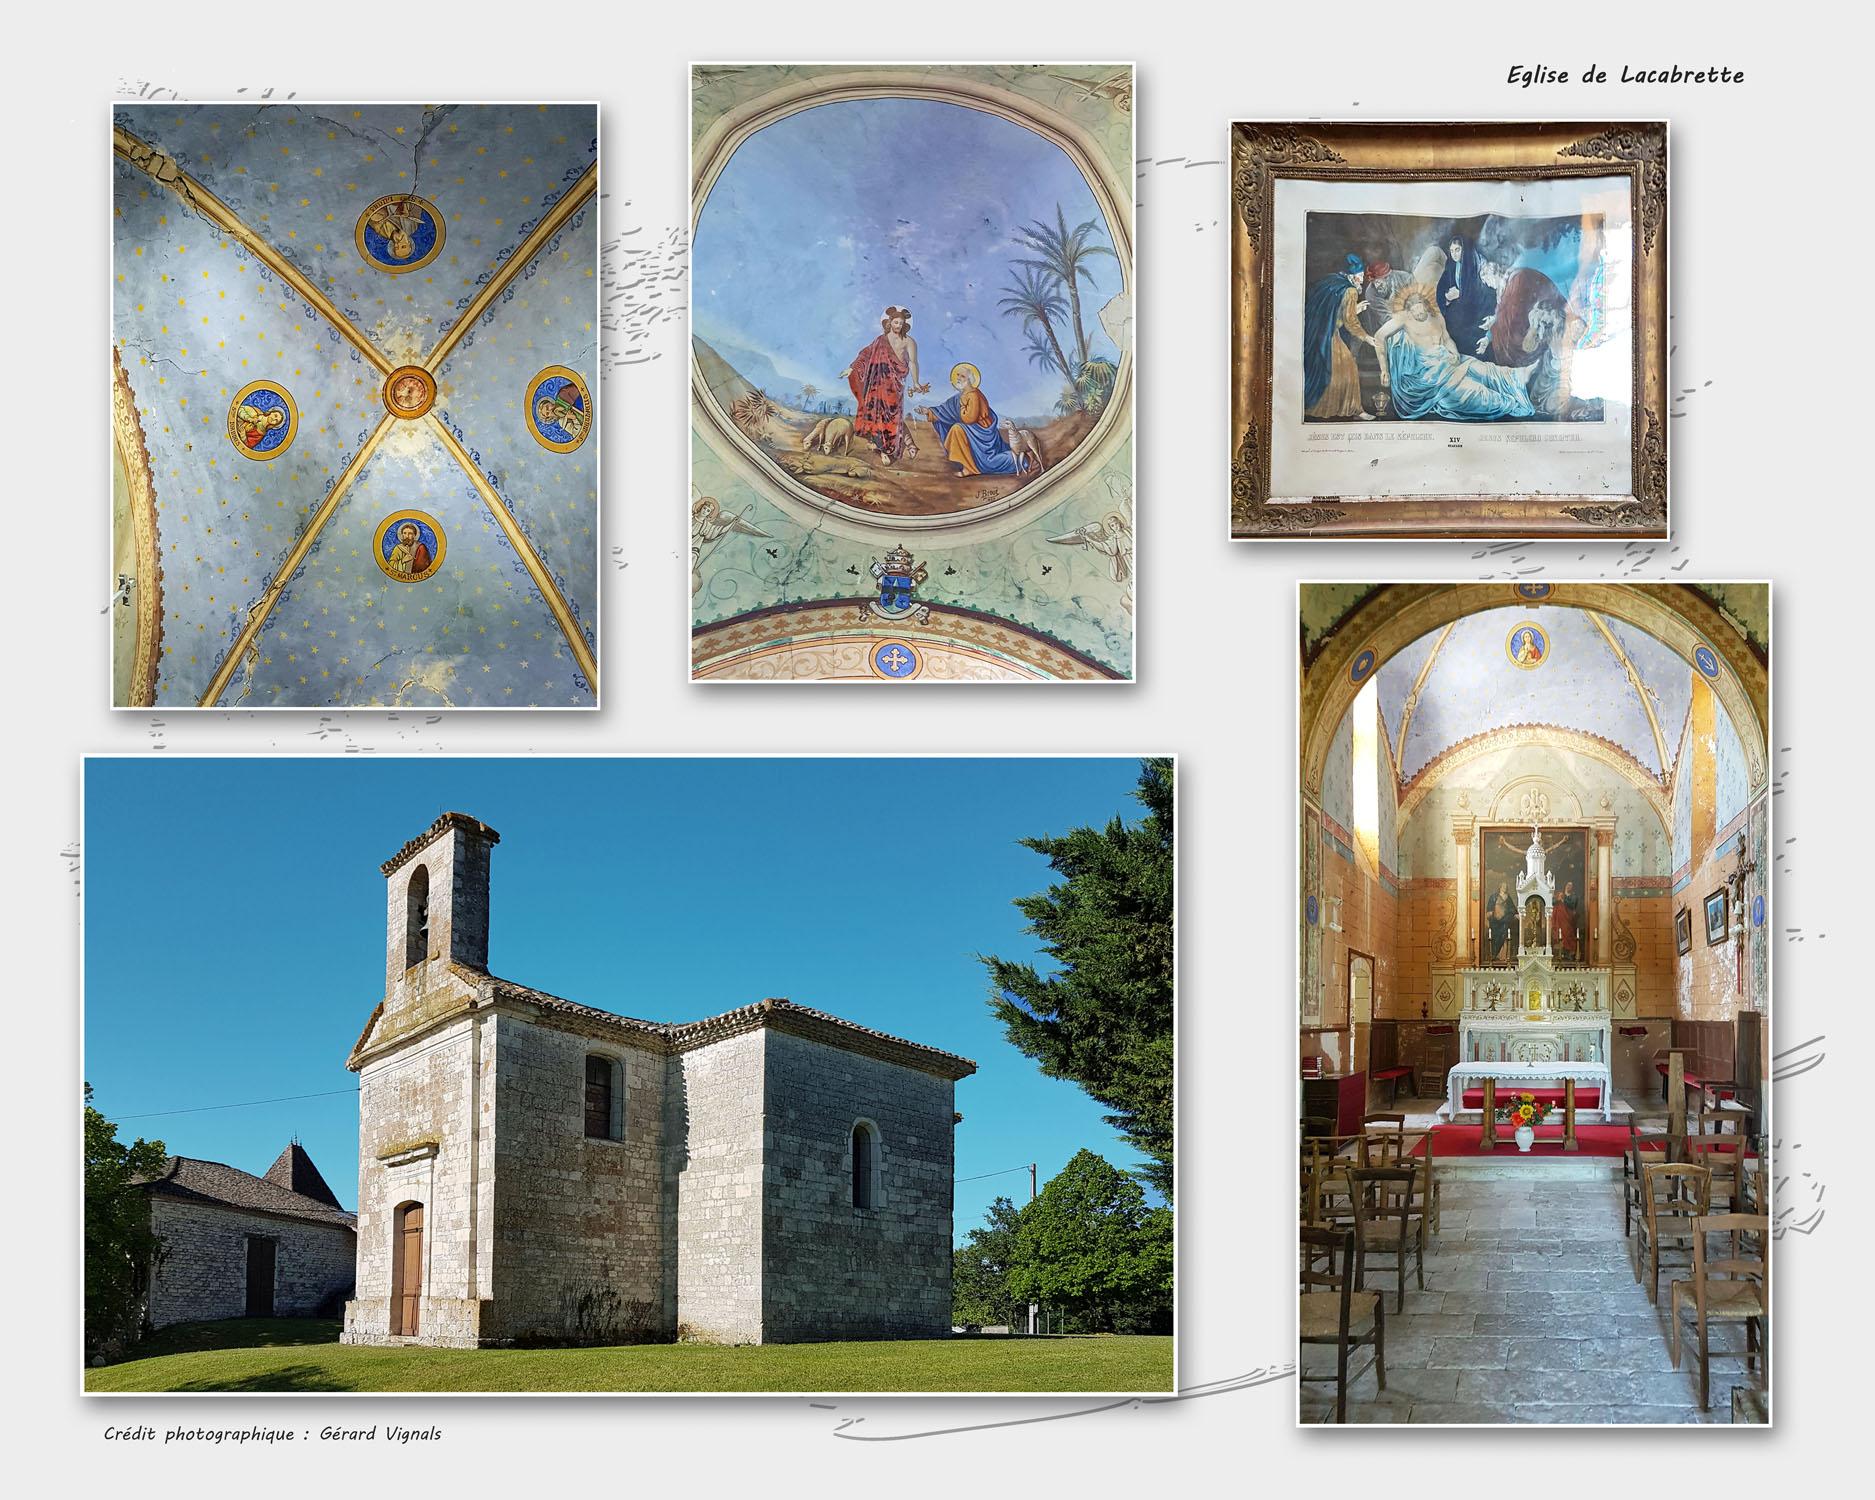 Eglise de Lacabrette